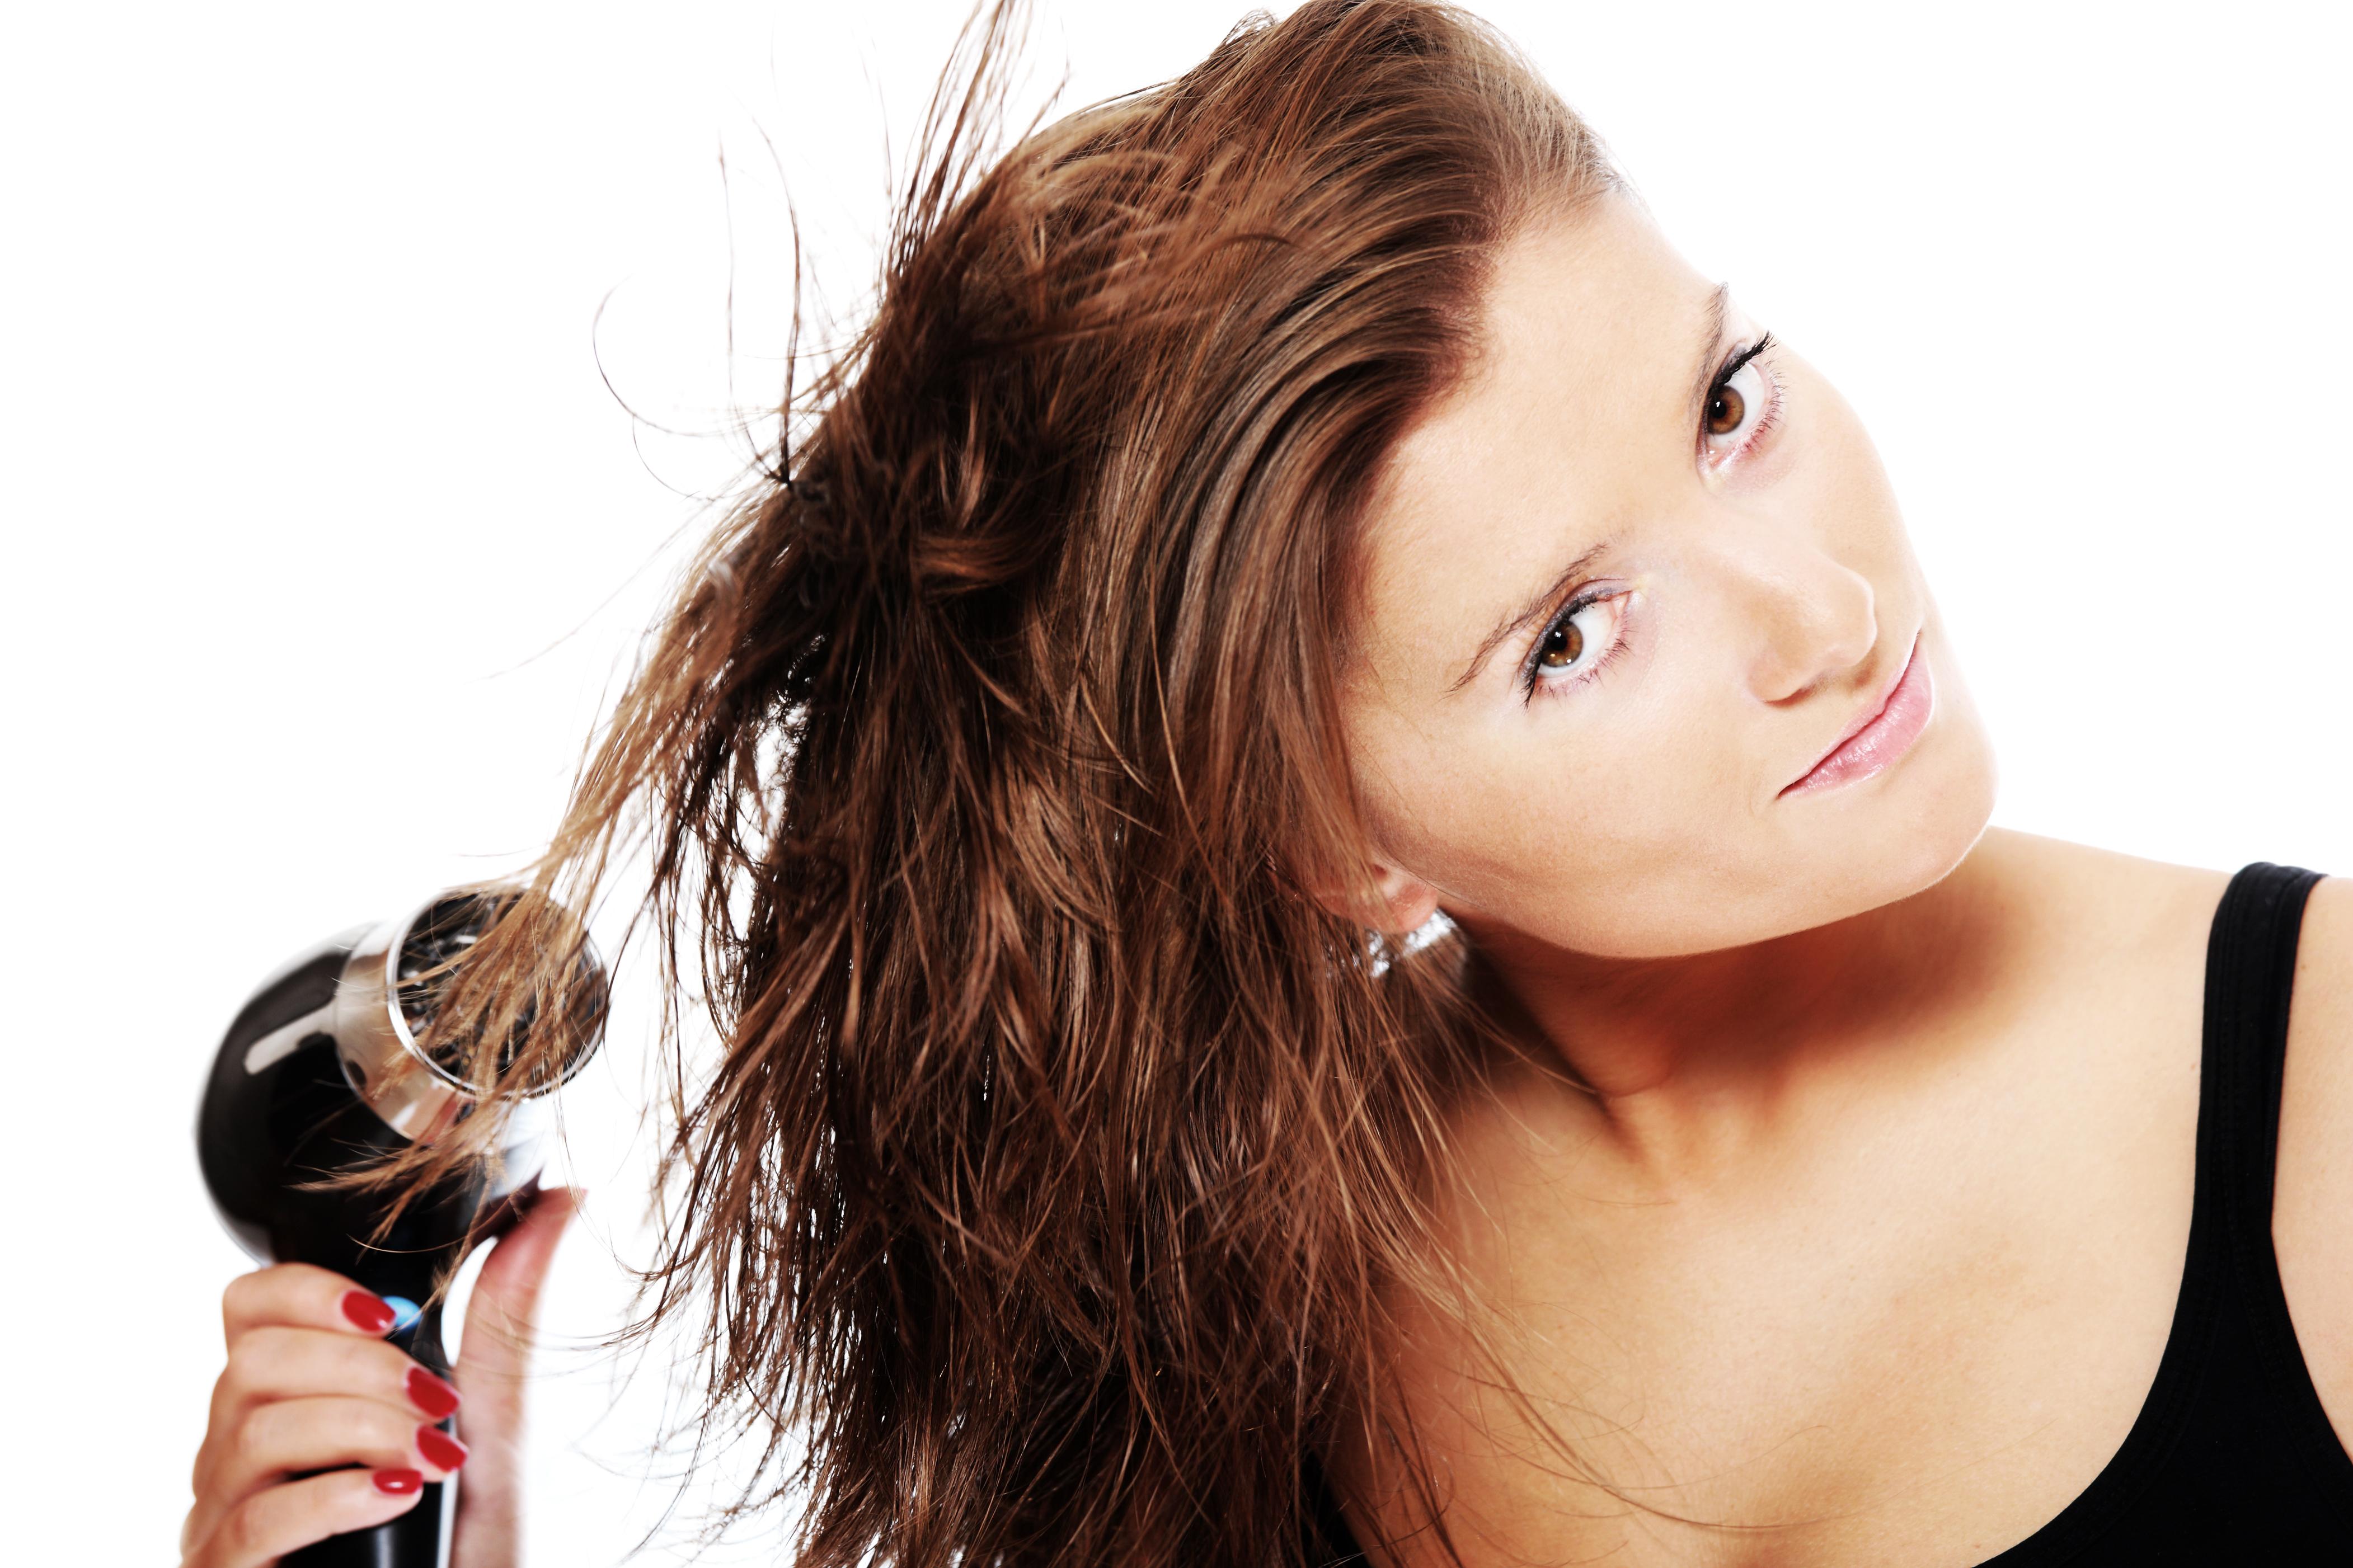 ¿Cómo se recomienda secar el pelo sin dañarlo?